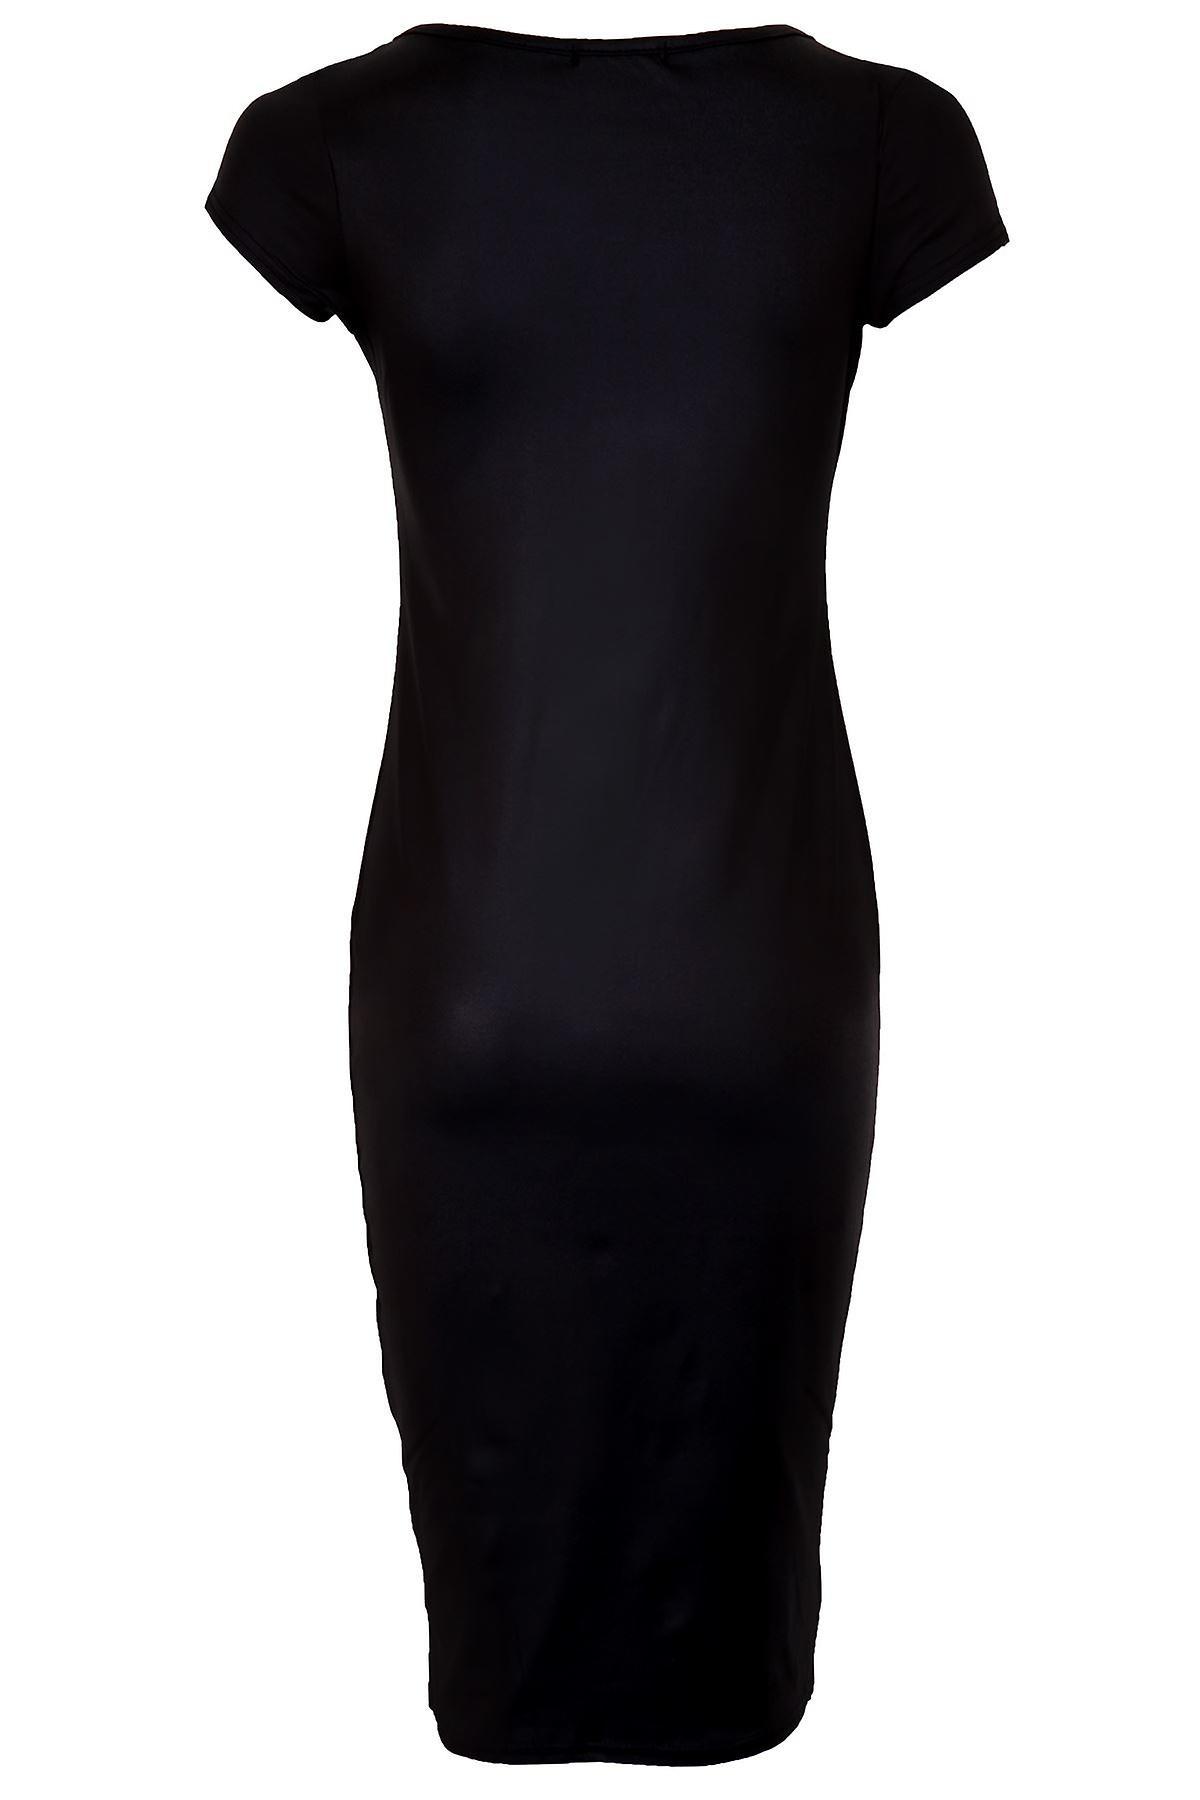 Ladies Cap Sleeve Celeb Nicole Inspired Wet Look Women's Bodycon Midi Dress